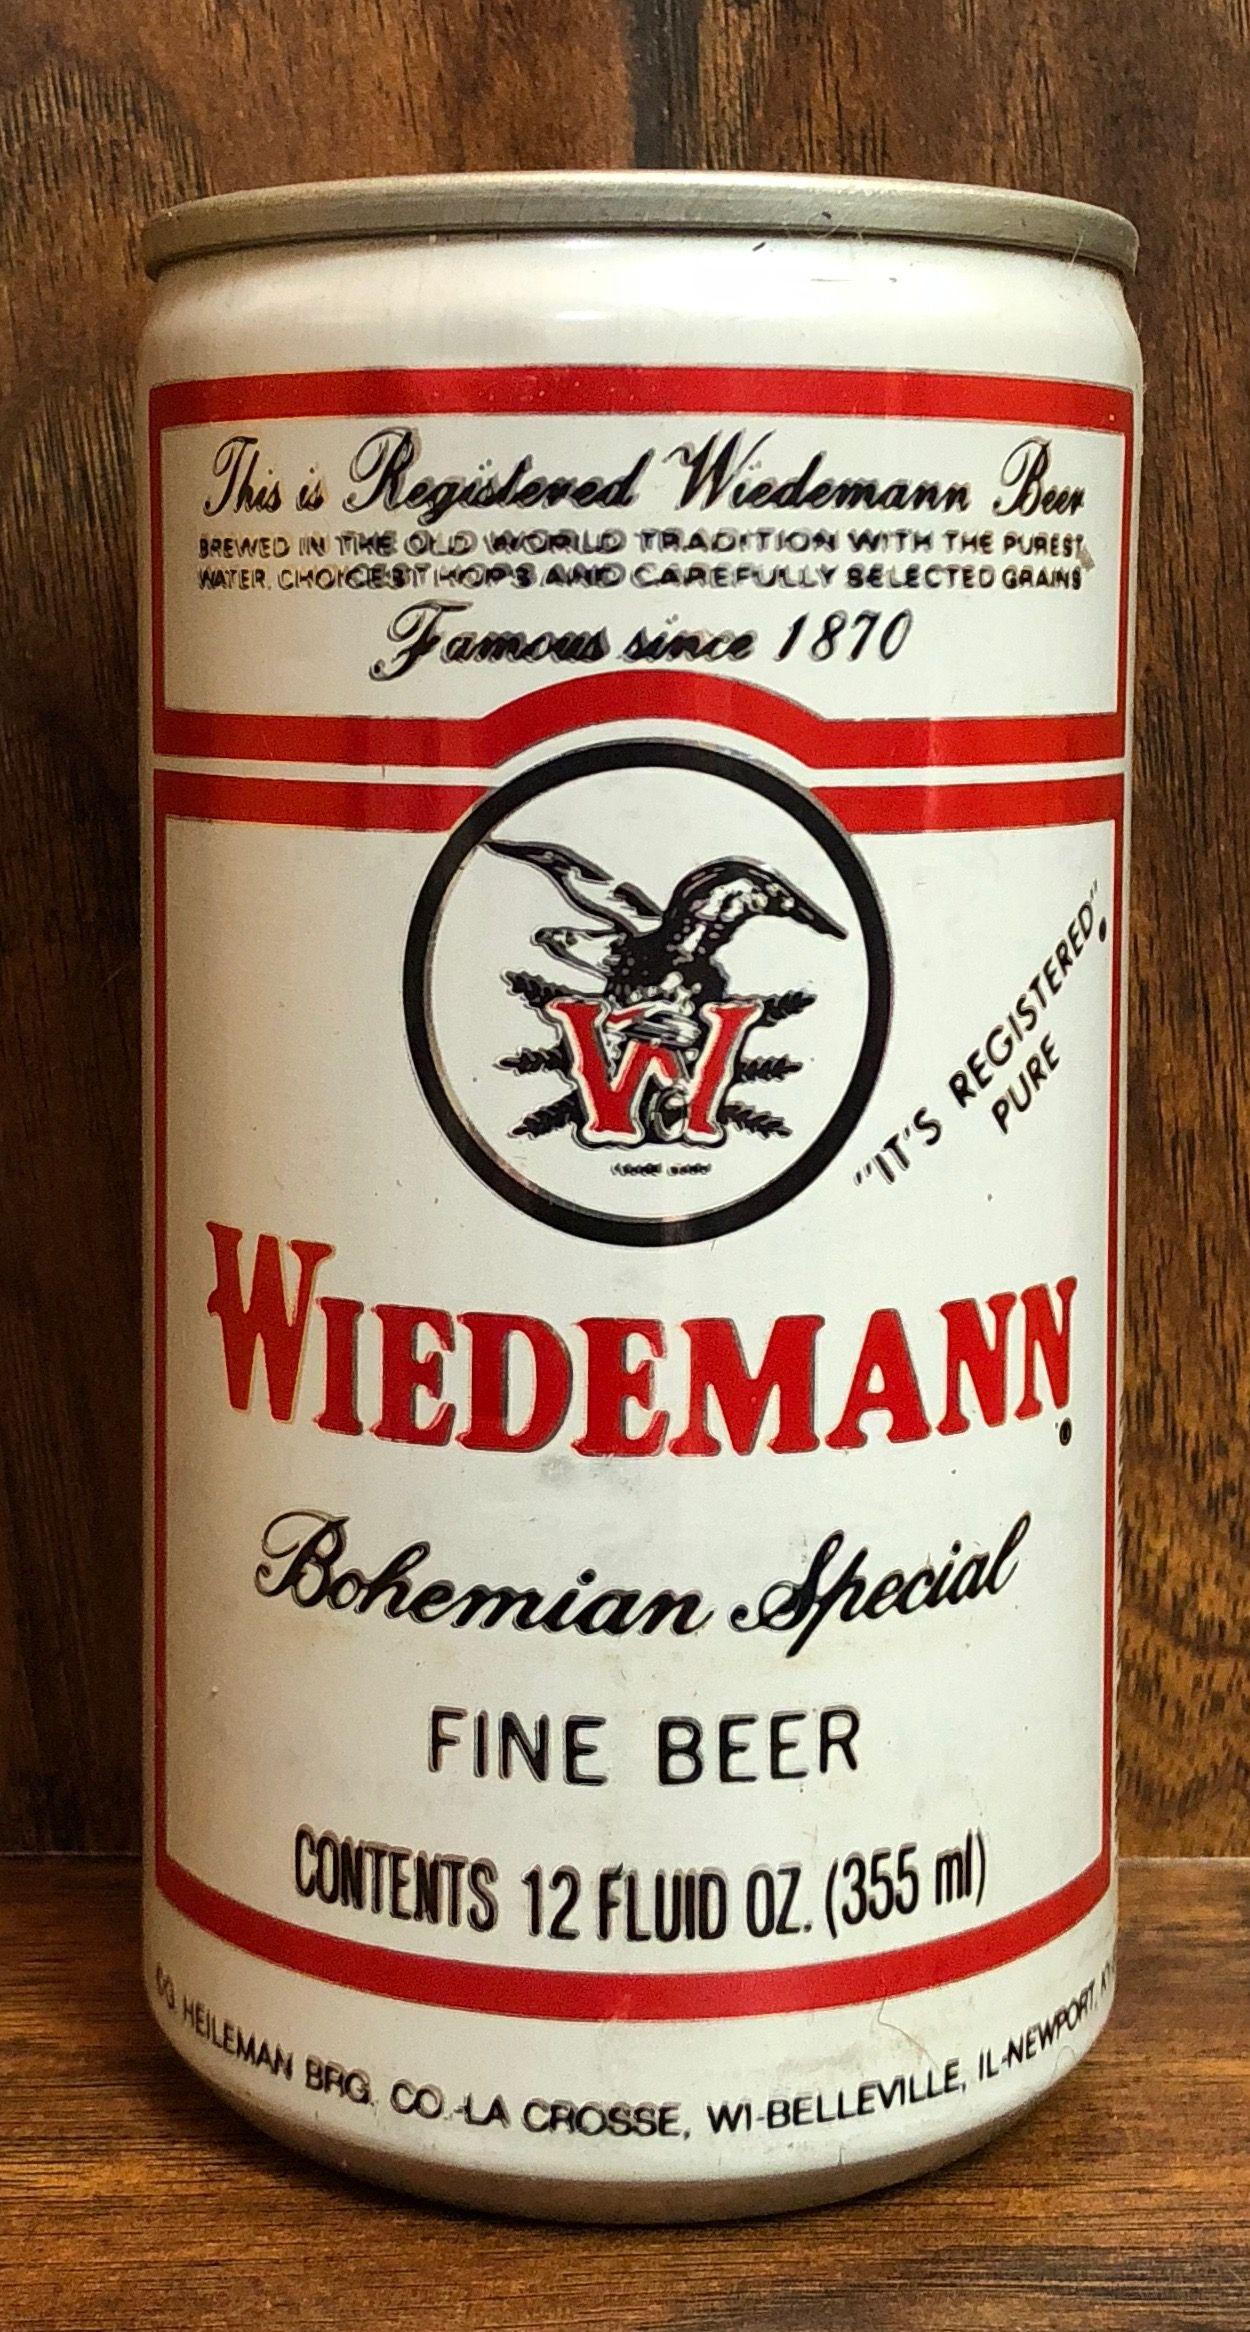 Wiedemann - G. Heileman Brewing Company - La Crosse, Wisconsin   I ...